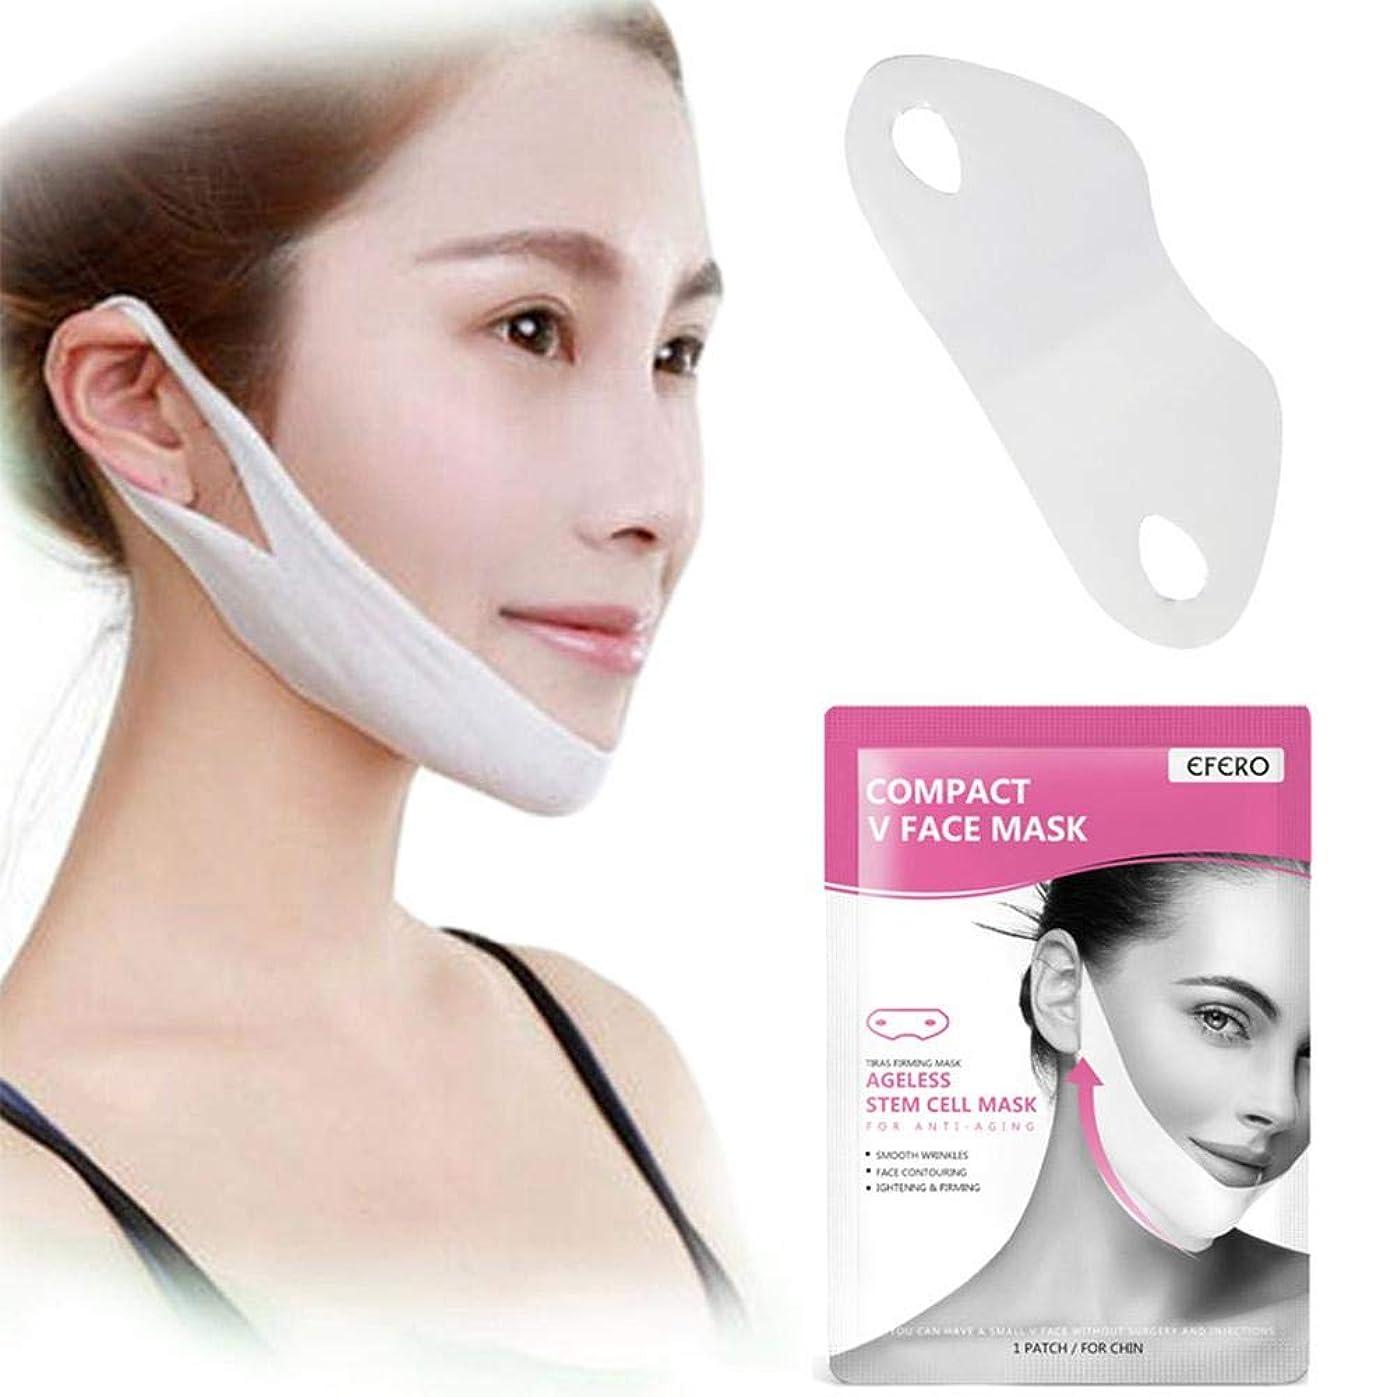 位置する苦い弱点SILUN 小顔マスク Vラインマスク リフティングファー ミングモイスチャライジングフェイスマスク ネックタイトフェイスフェイス 男女兼用